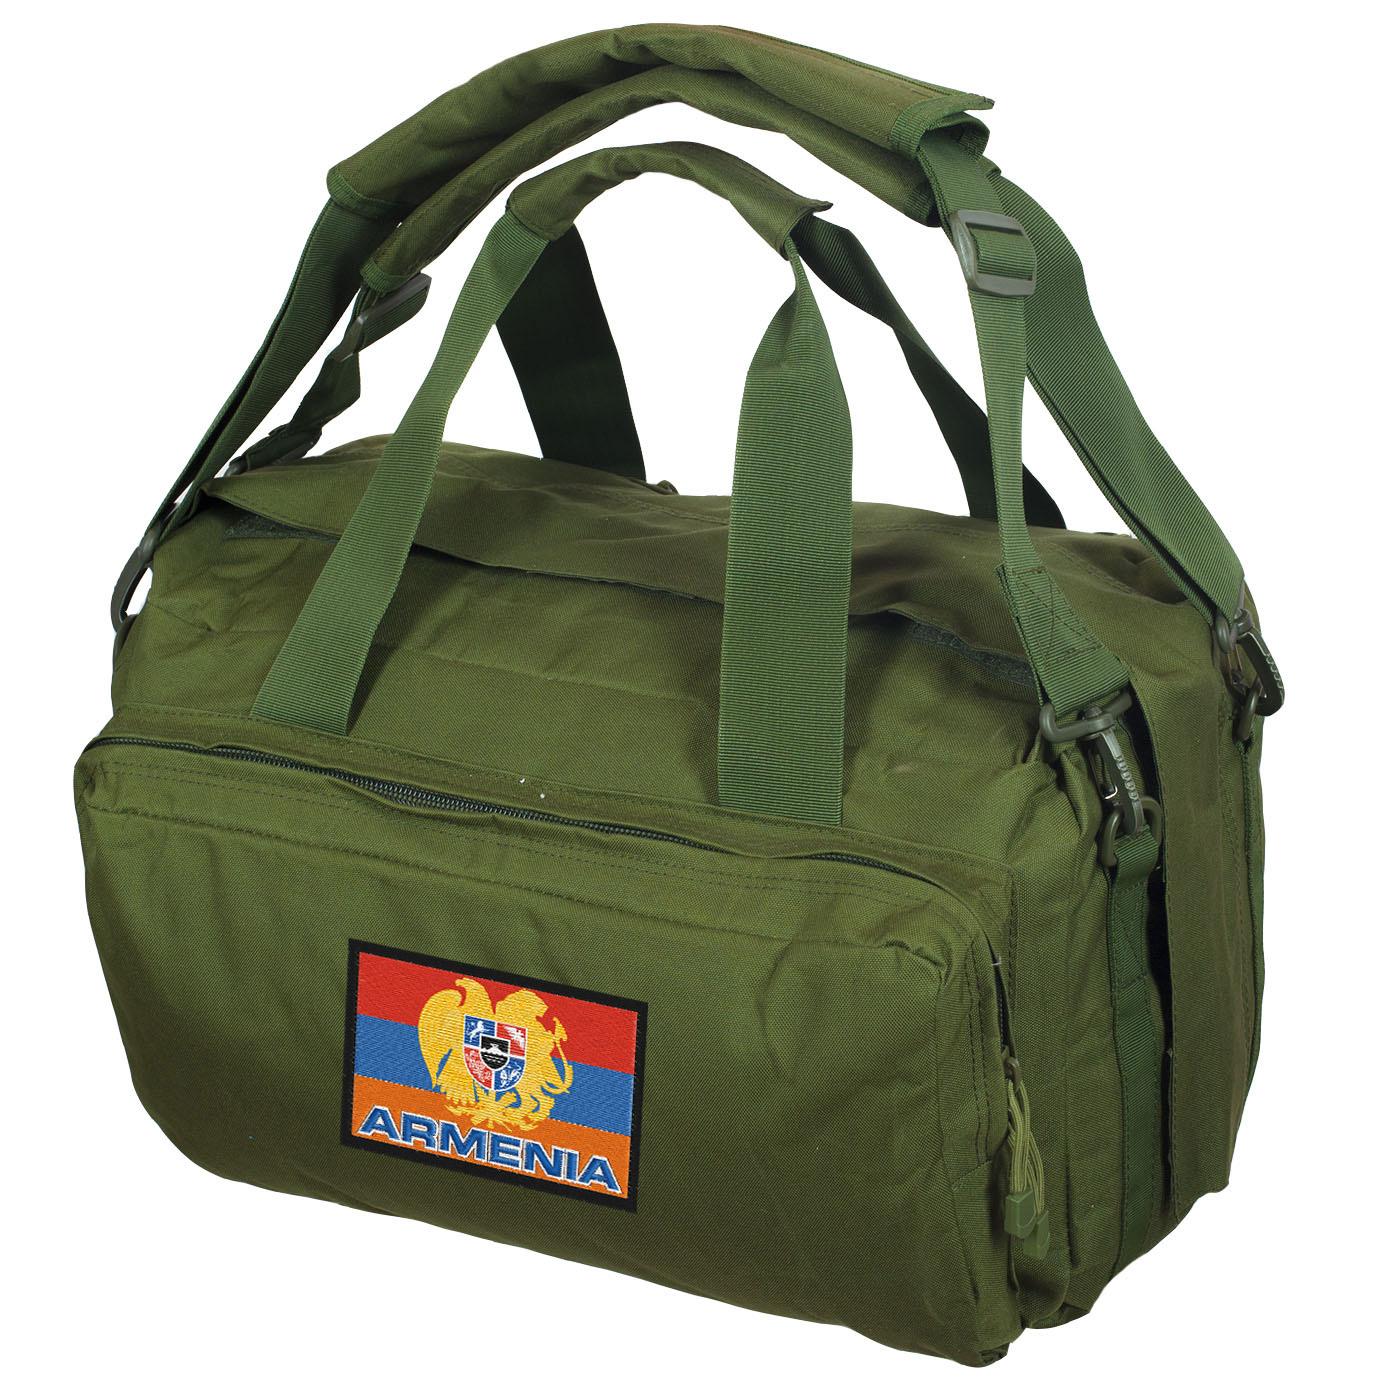 Дорожная сумка-рюкзак с нашивкой в виде армянского флага